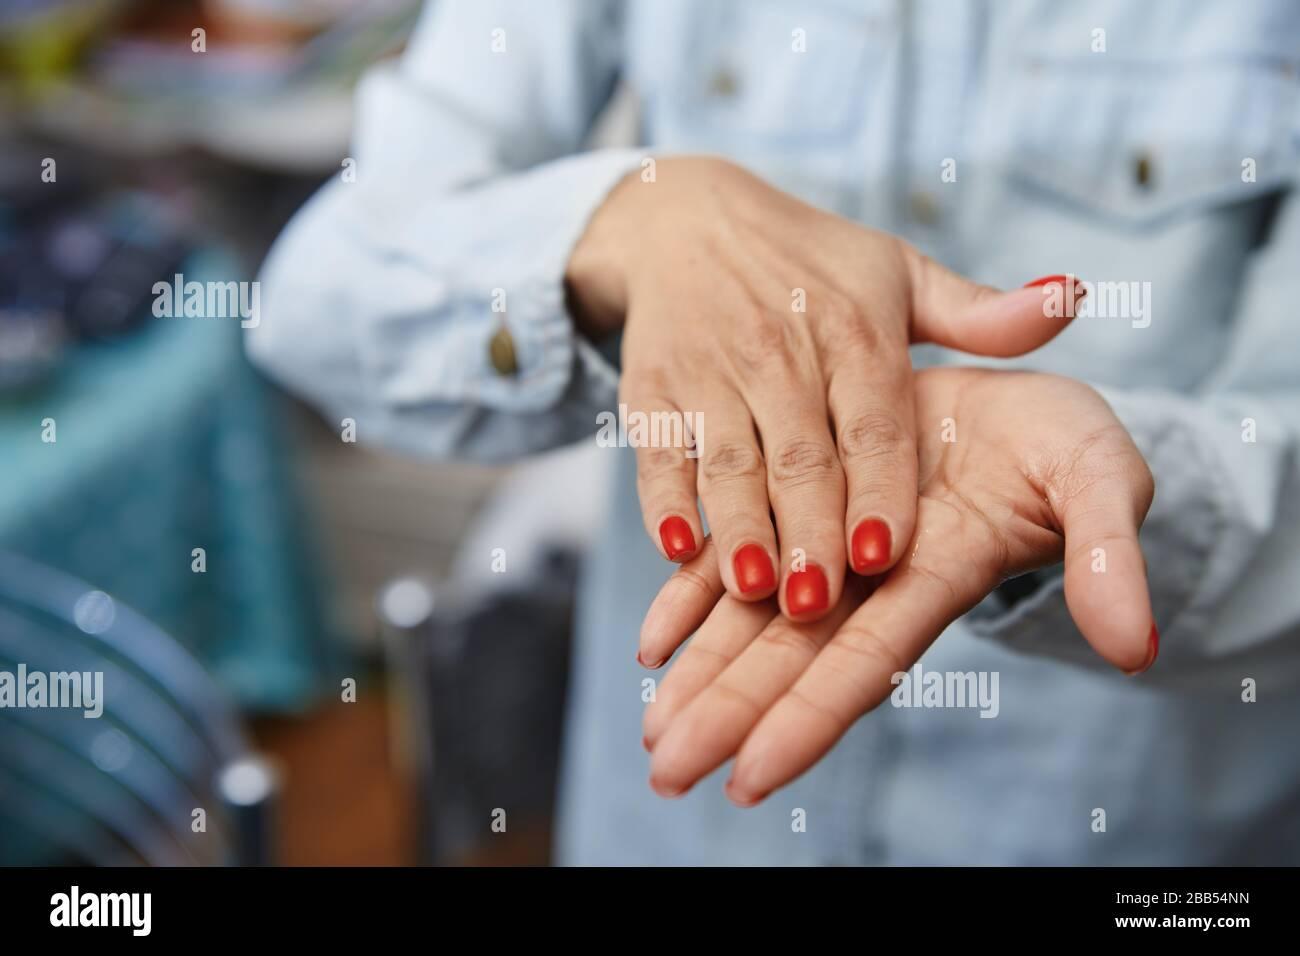 Frau, die zur Desinfektion eine feuchtigkeitsspendende Lotion verwendet Stockfoto